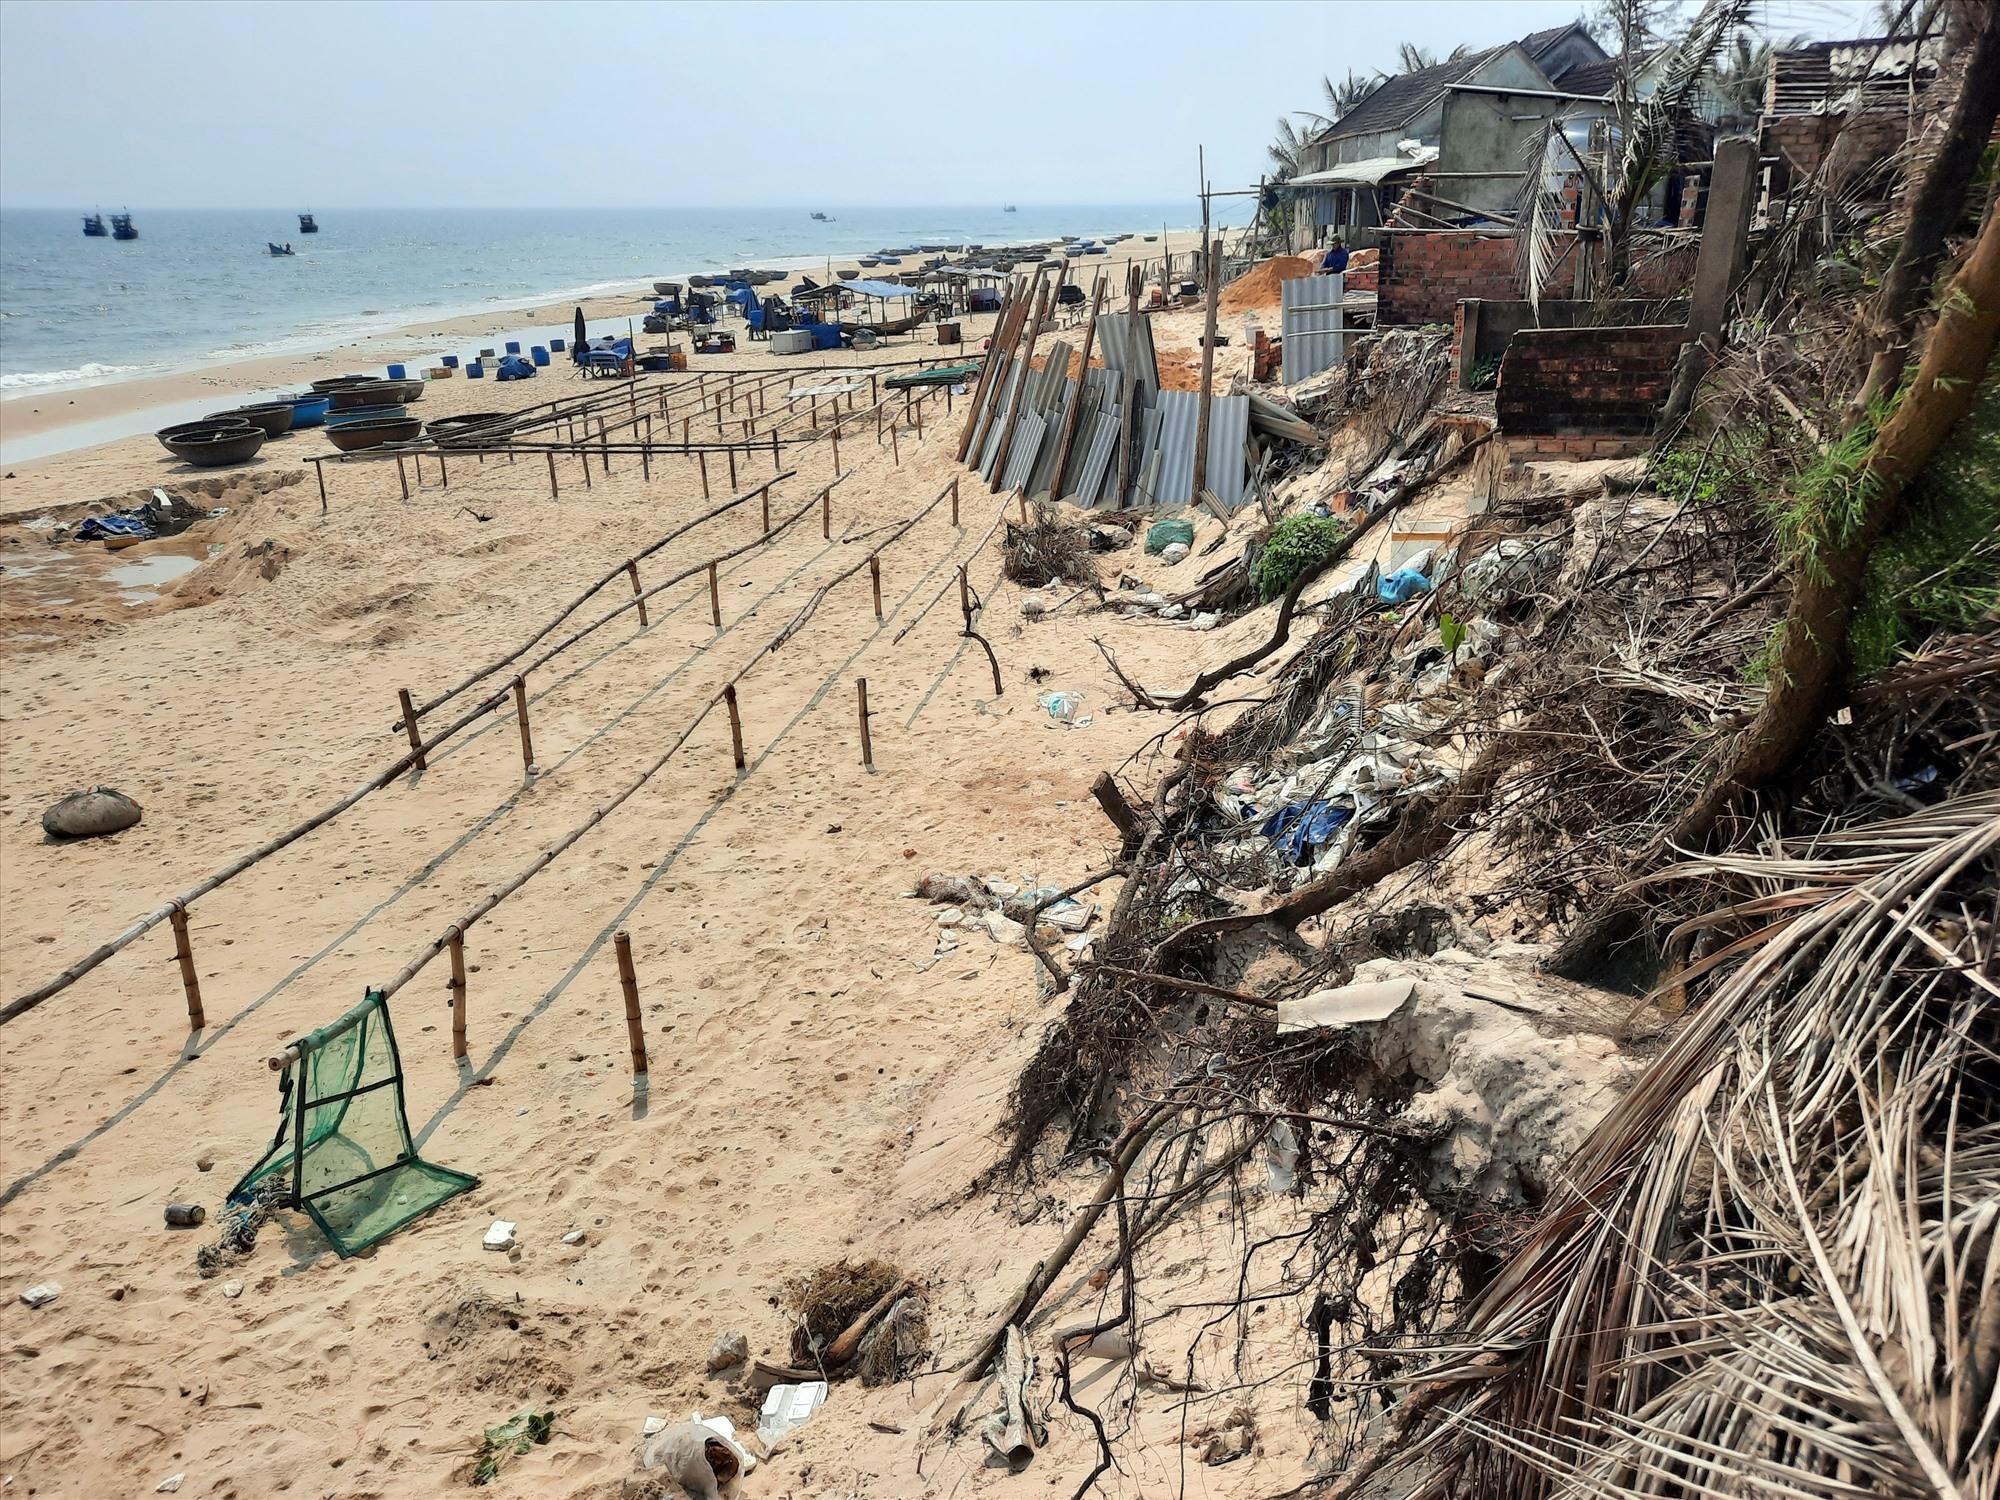 Chiều dài bờ biển bị xâm thực là hơn 1.000m và gây sạt lở vào bên trong từ 10 đến 20m so với hiện trạng trước kia.